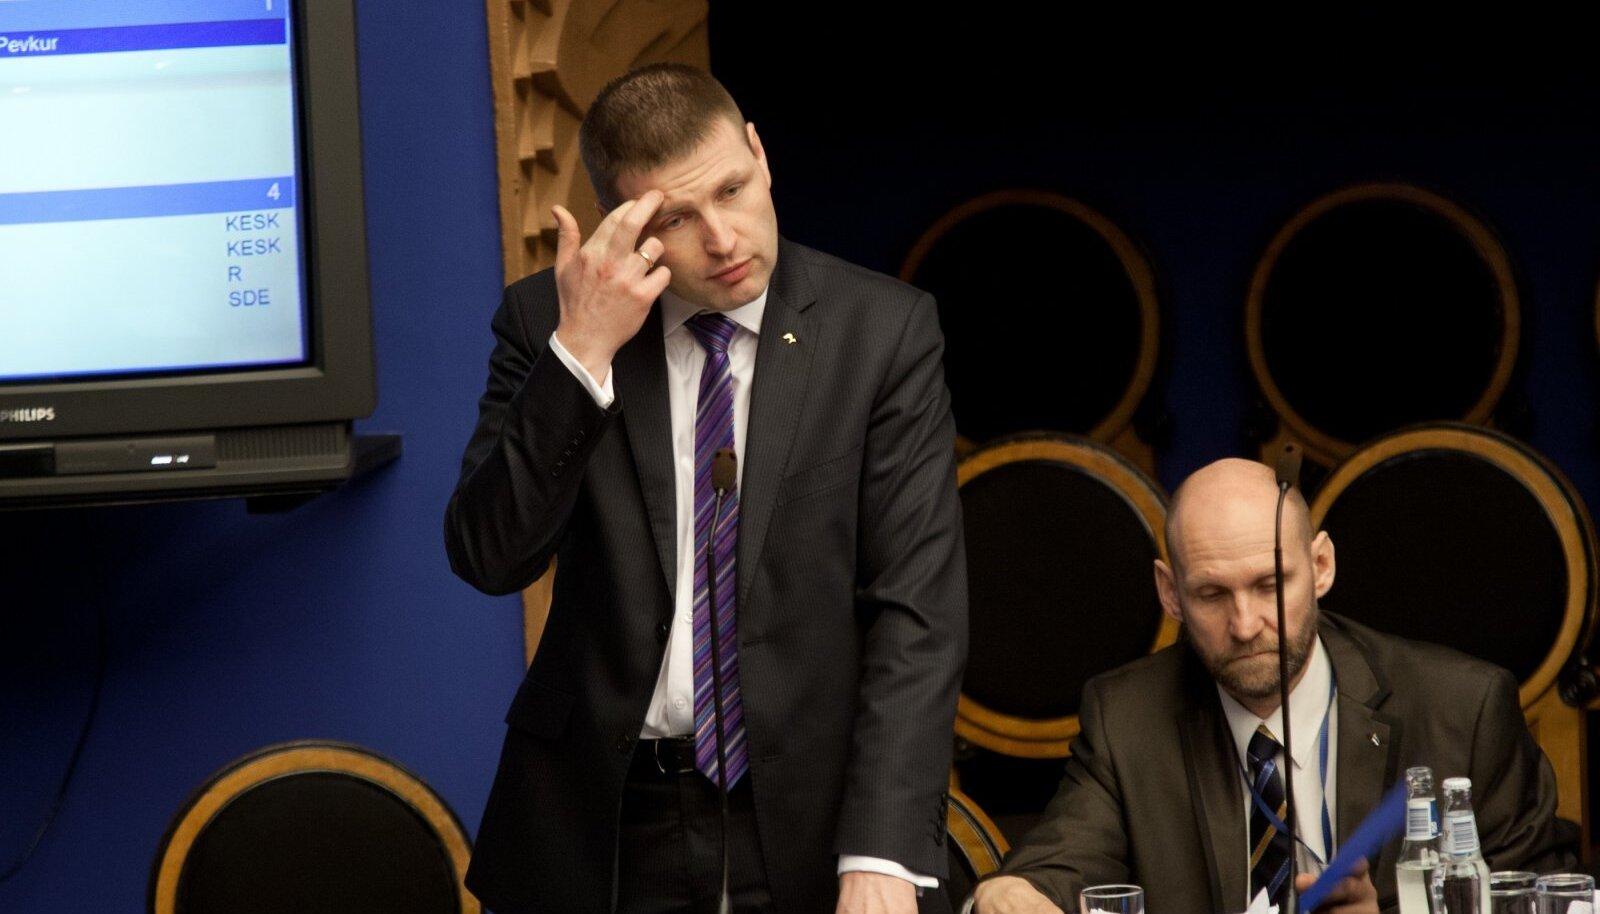 Pevkur ja Seeder valitakse täna tõenäoliselt parlamendi aseesimeesteks.